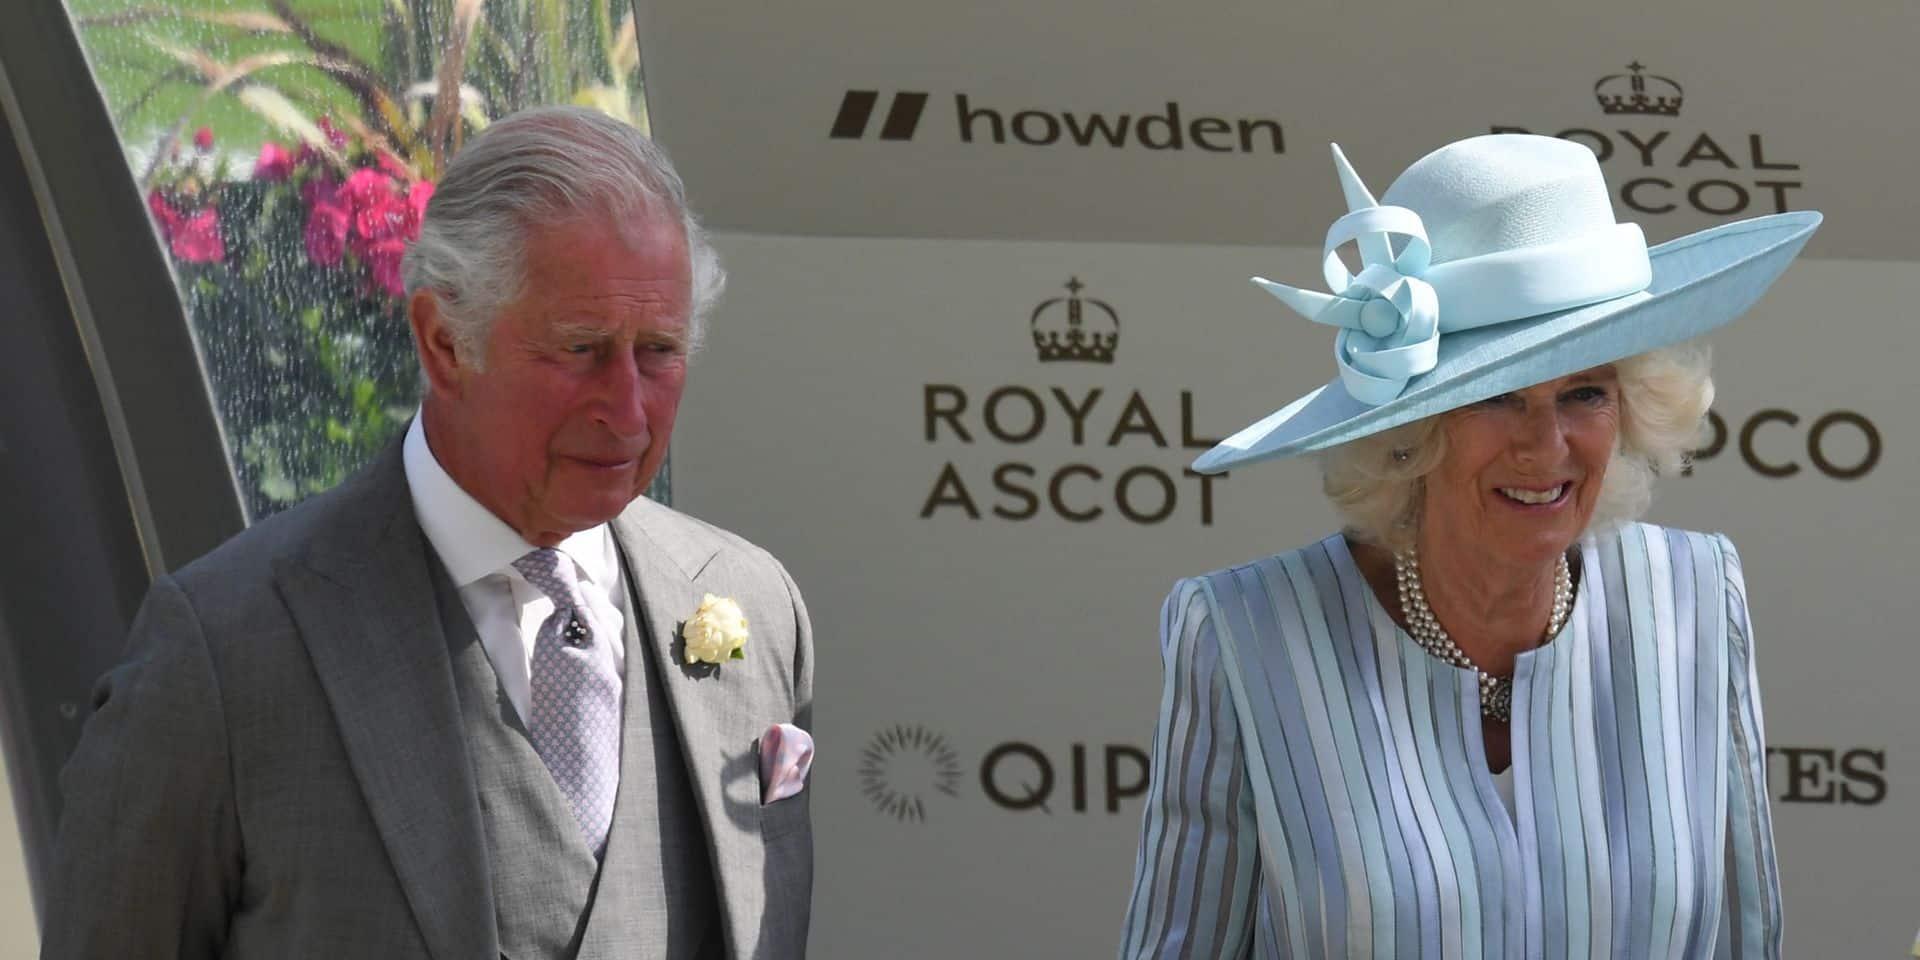 La famille royale britannique retrouve enfin le Royal Ascot, marqué par l'absence étonnante d'Elizabeth II